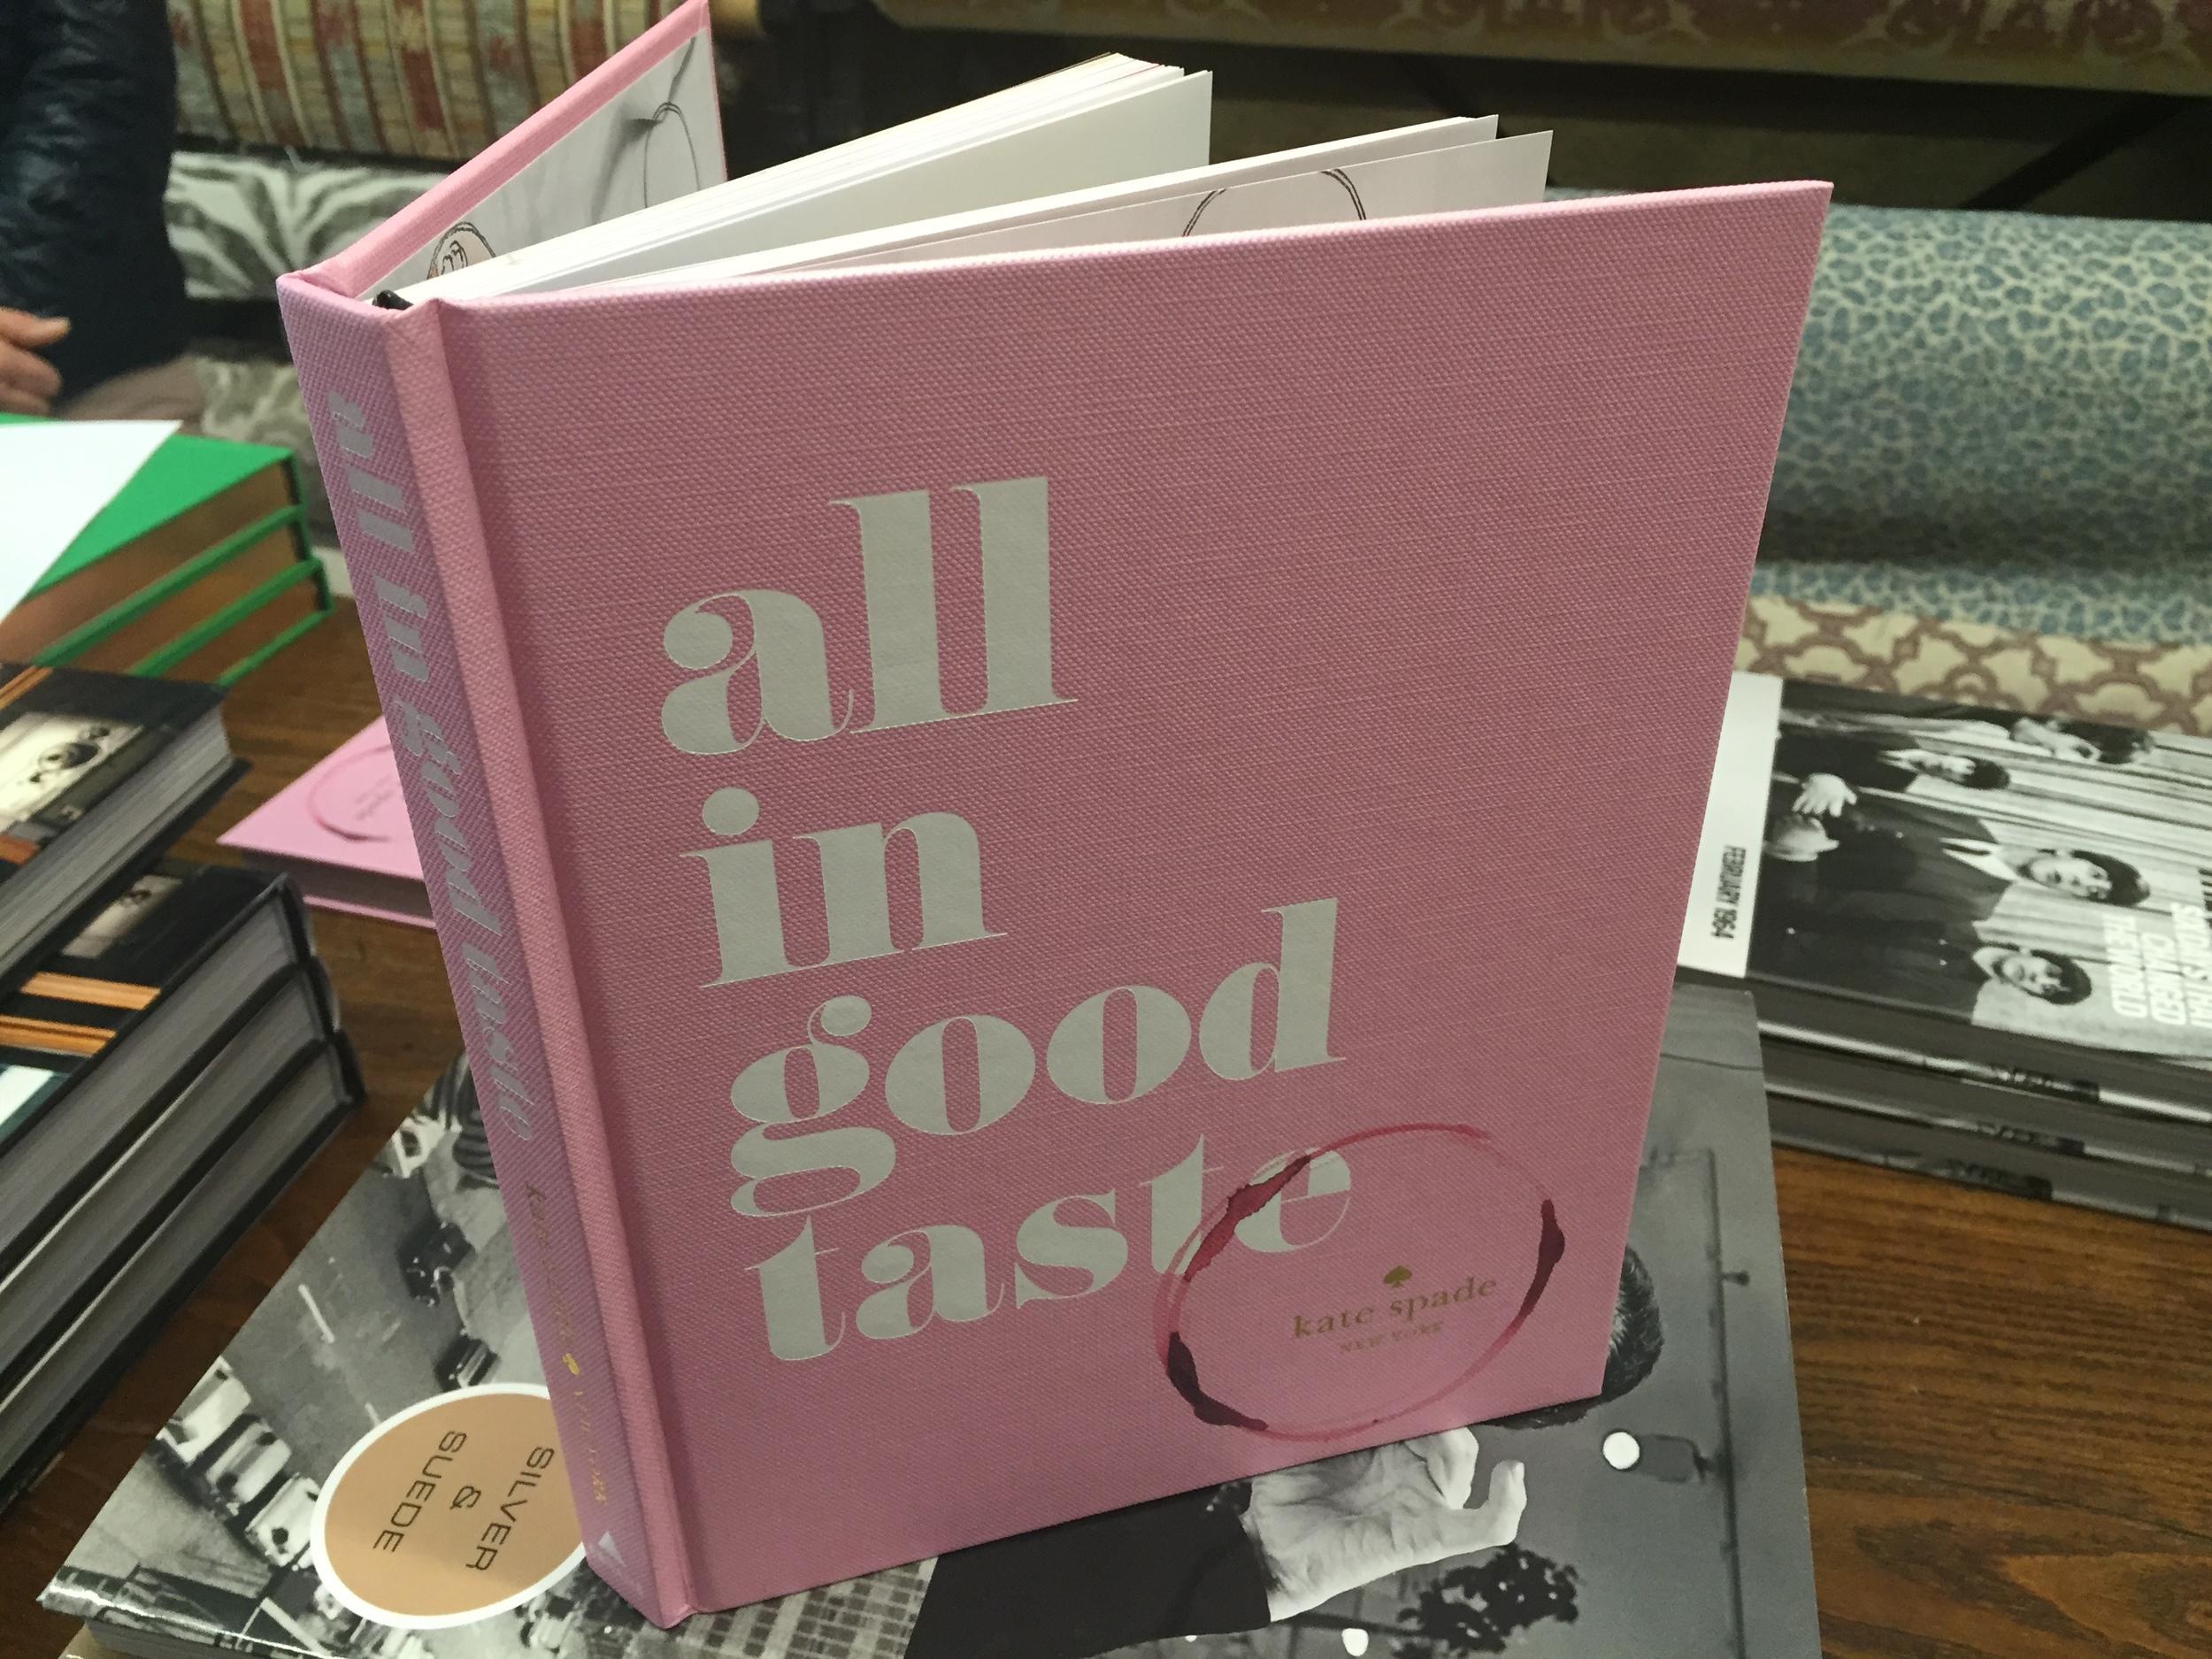 All In Good Taste by Kate Spade